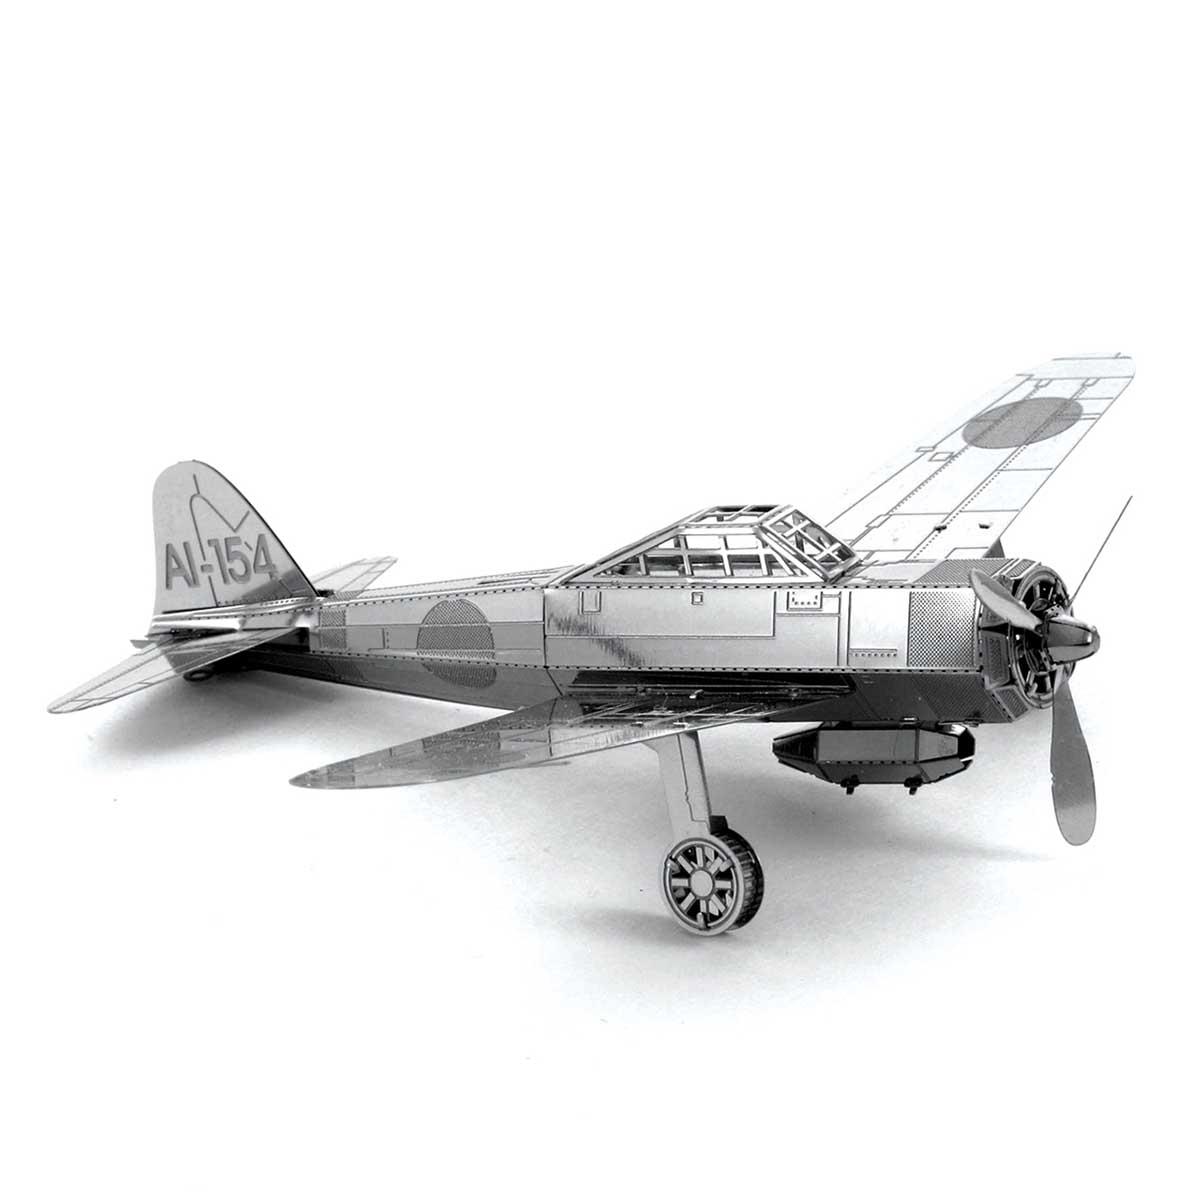 Mitsubishi Zero Planes 3D Puzzle